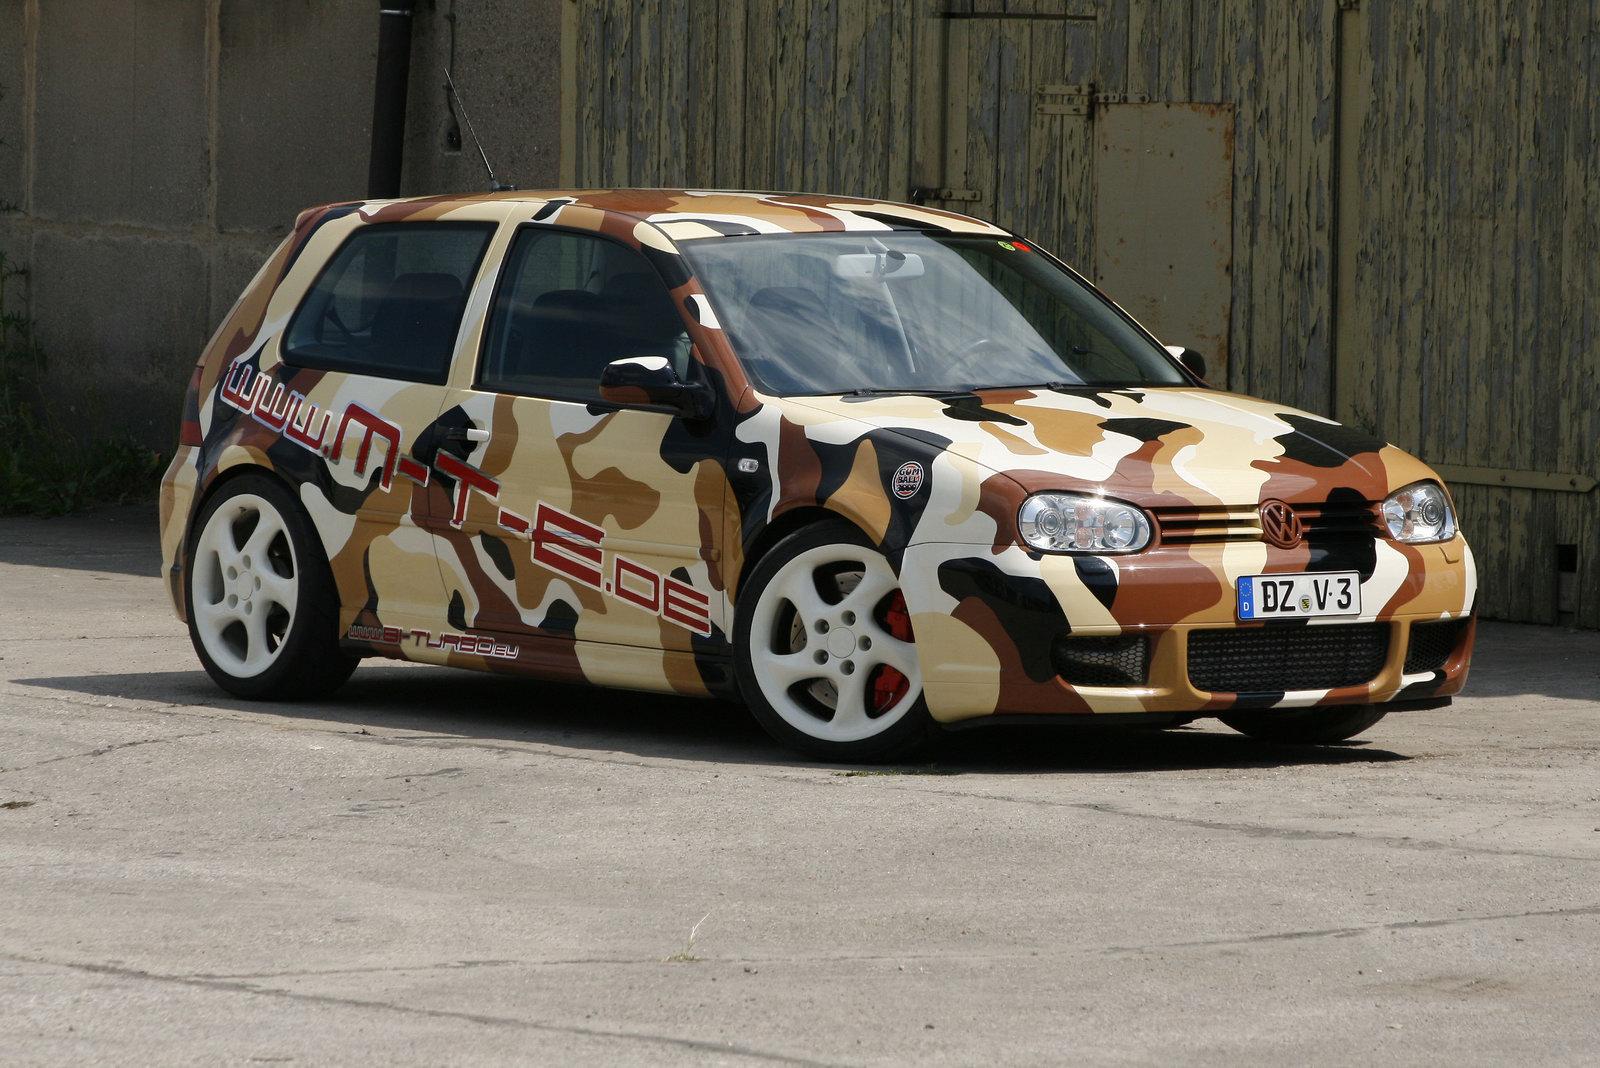 http://1.bp.blogspot.com/_FoXyvaPSnVk/TD3_NGet-LI/AAAAAAADEa4/cQwrpmh1MZQ/s1600/MTE-VW-Golf-R32-1.jpg